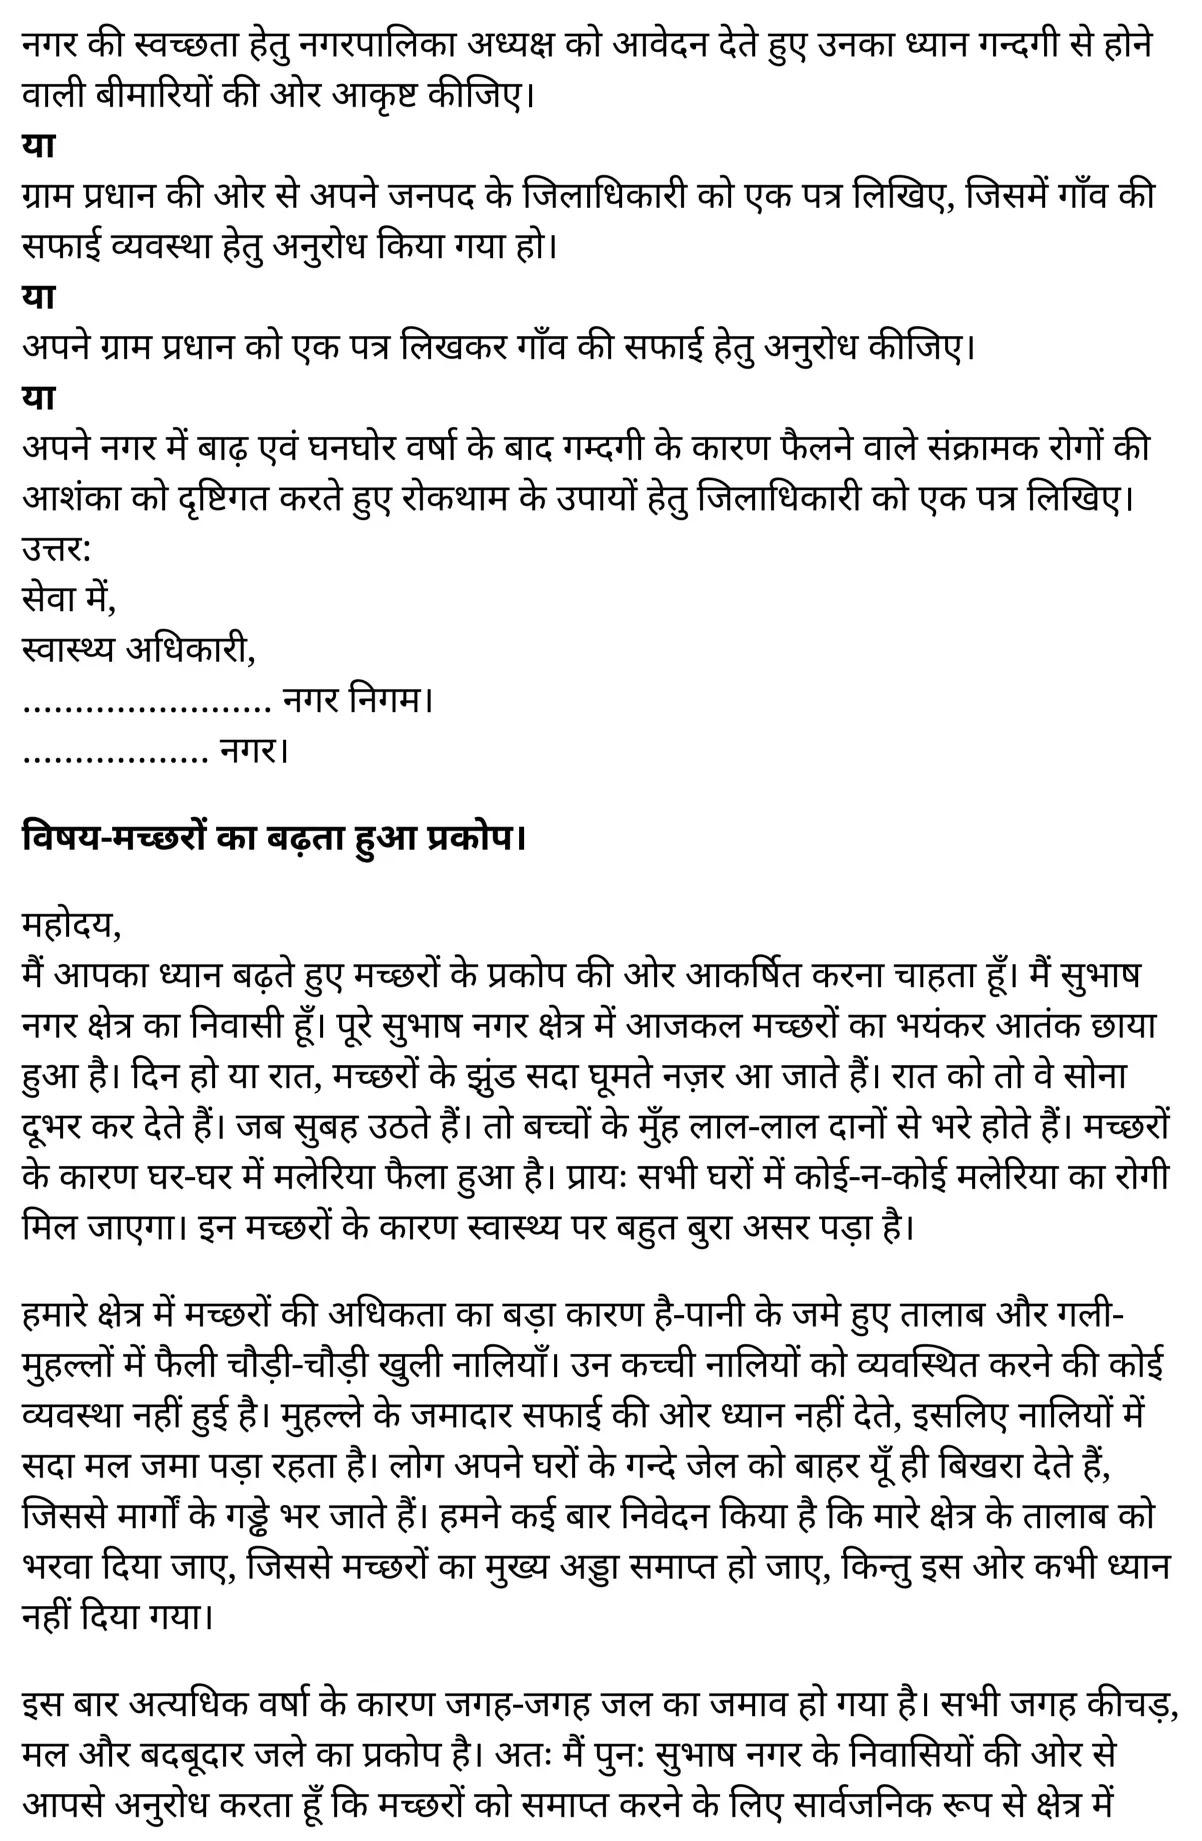 """यूपी बोर्ड एनसीईआरटी समाधान """"कक्षा 11 सामान्य  हिंदी"""" सफाई हेतु सम्बन्धित अधिकारी को प्रार्थना-पत्र  हिंदी में"""